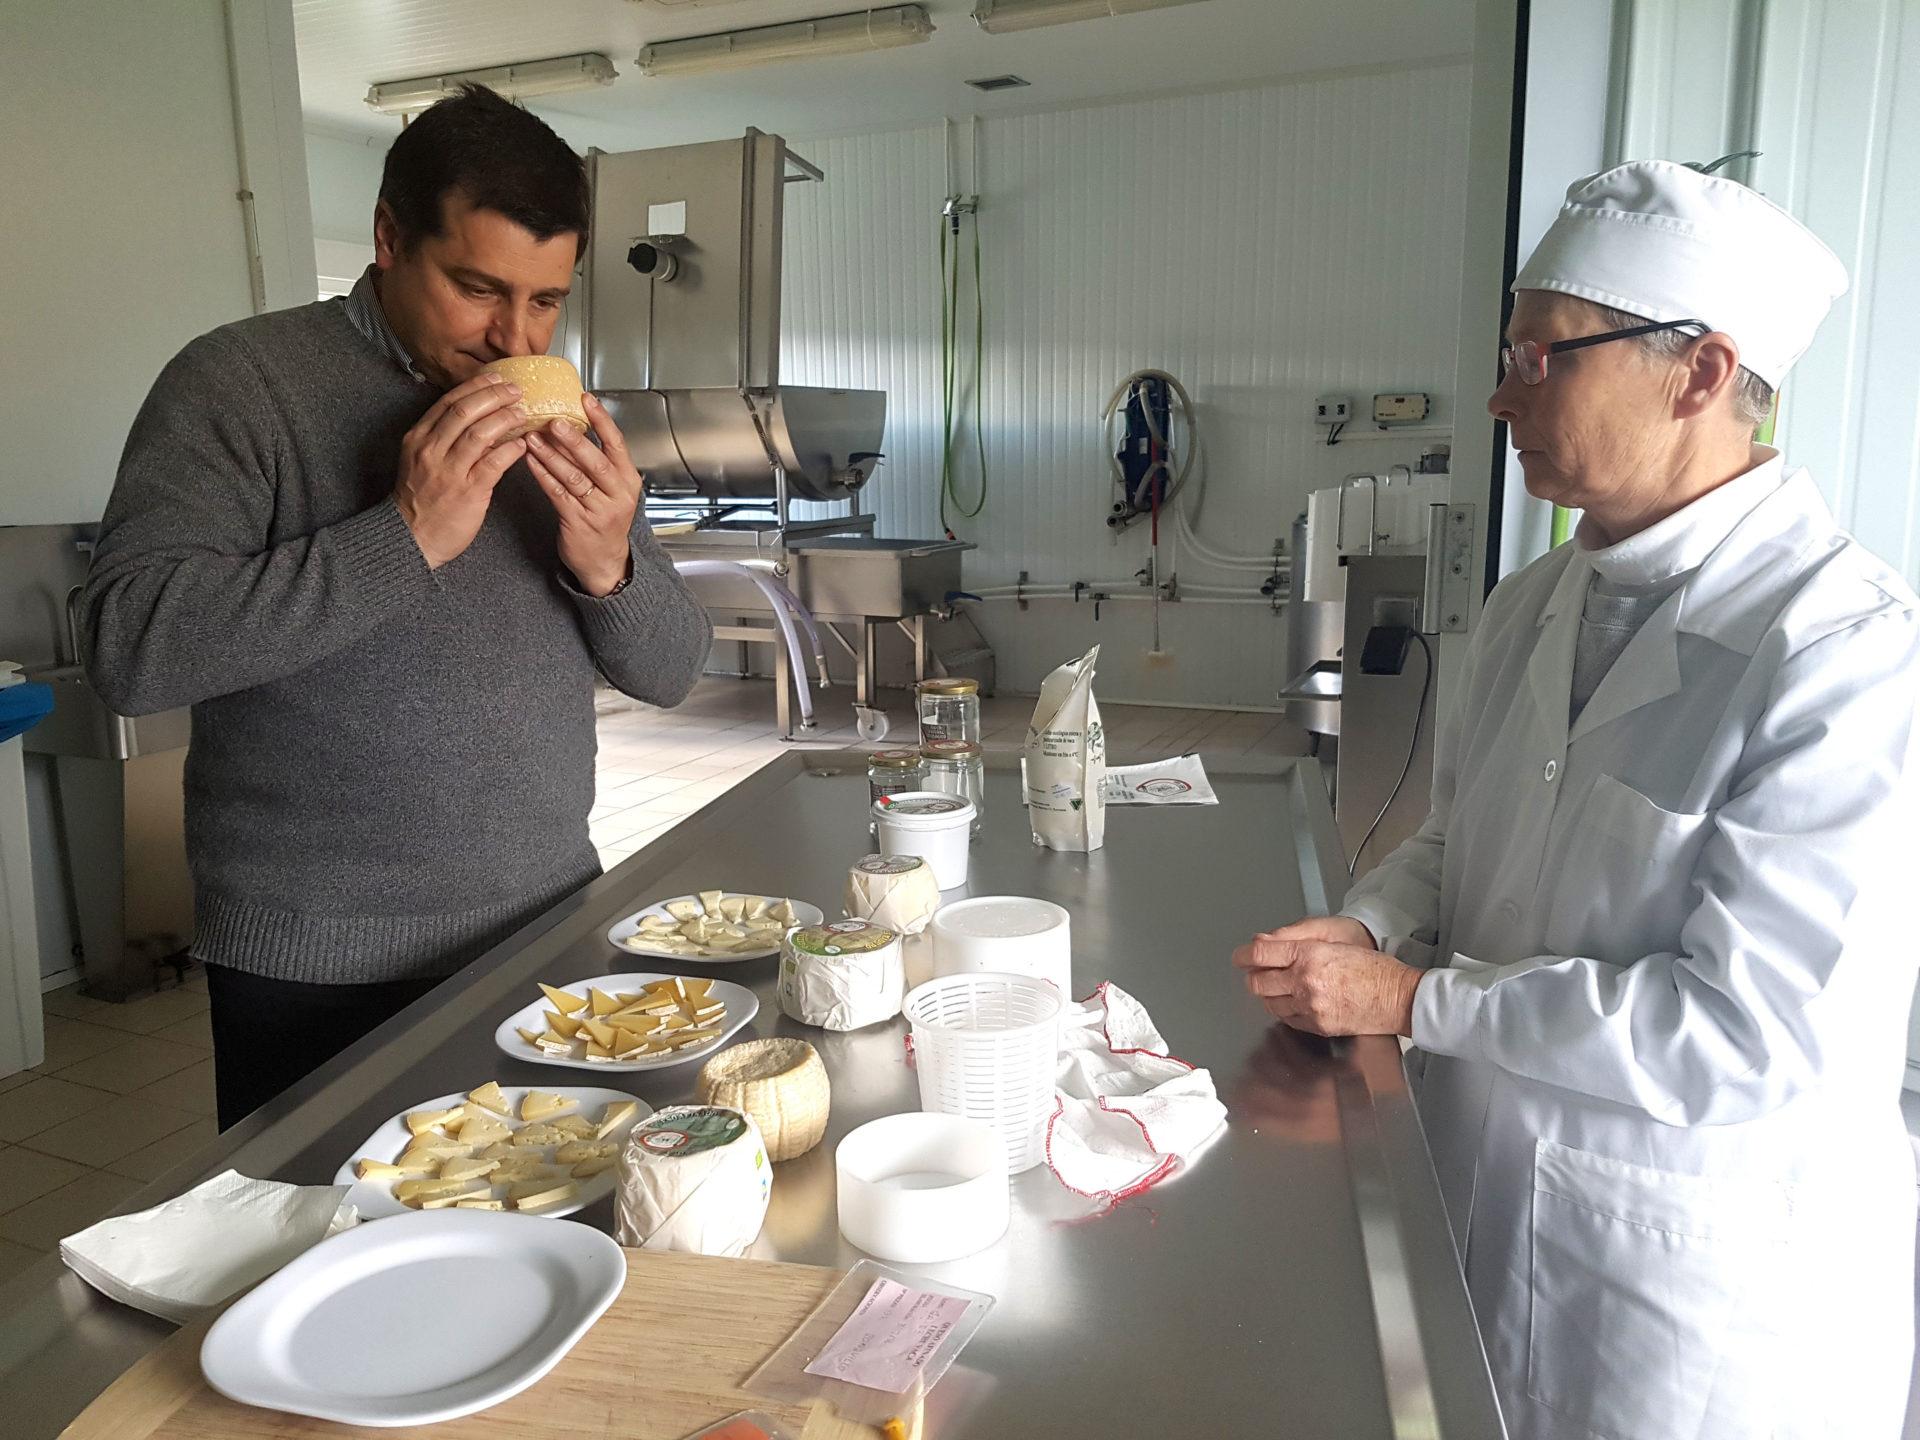 La quesera Helen Groome muestra al chef Josep Roca los quesos ecológicos que fabrican en la quesería Vista Alegre (Valle de Carranza)